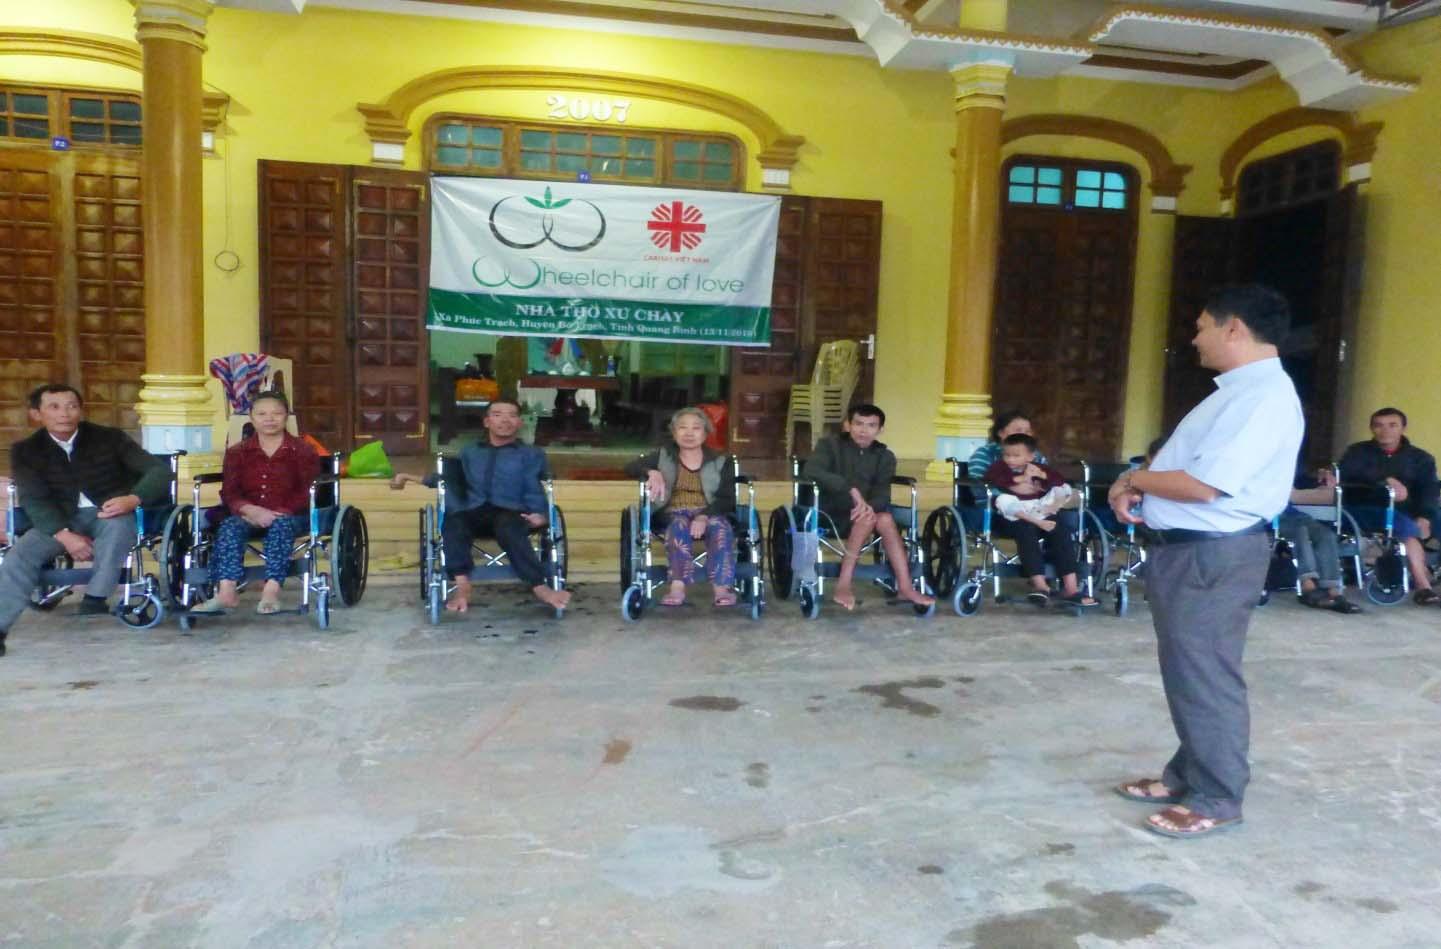 Caritas Hà Tĩnh: Trao Xe Lăn Cho Người Khuyết Tật Nghèo